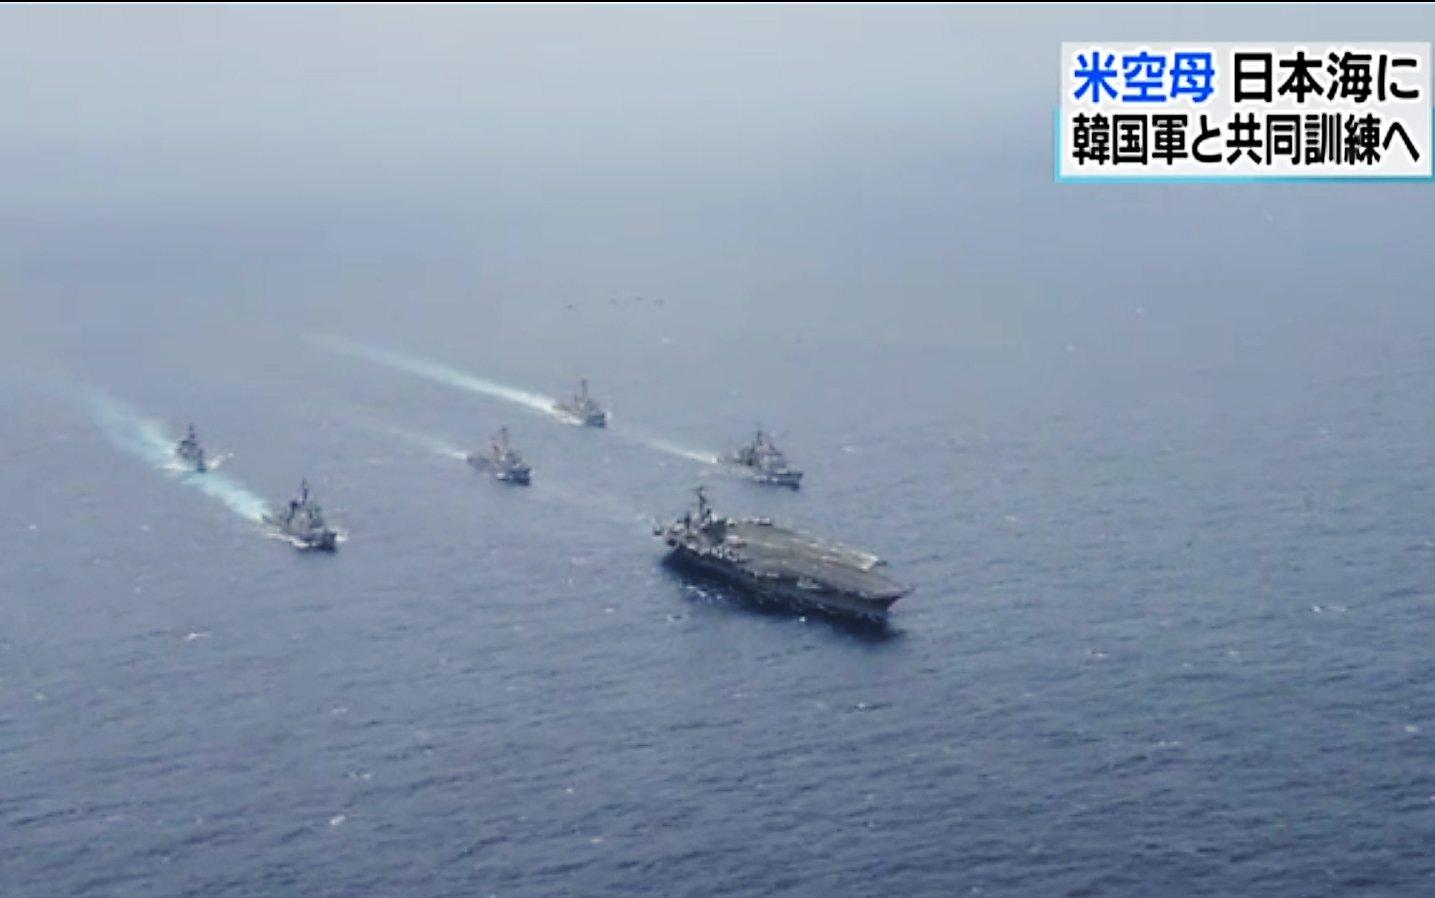 美國「卡爾文森」號航空母艦,4月28日在日本沖繩海域停留,與日本自衛隊進行聯合演習之後,繼續北上,29日中午經過對馬海峽,進入日本海。(視像擷圖)